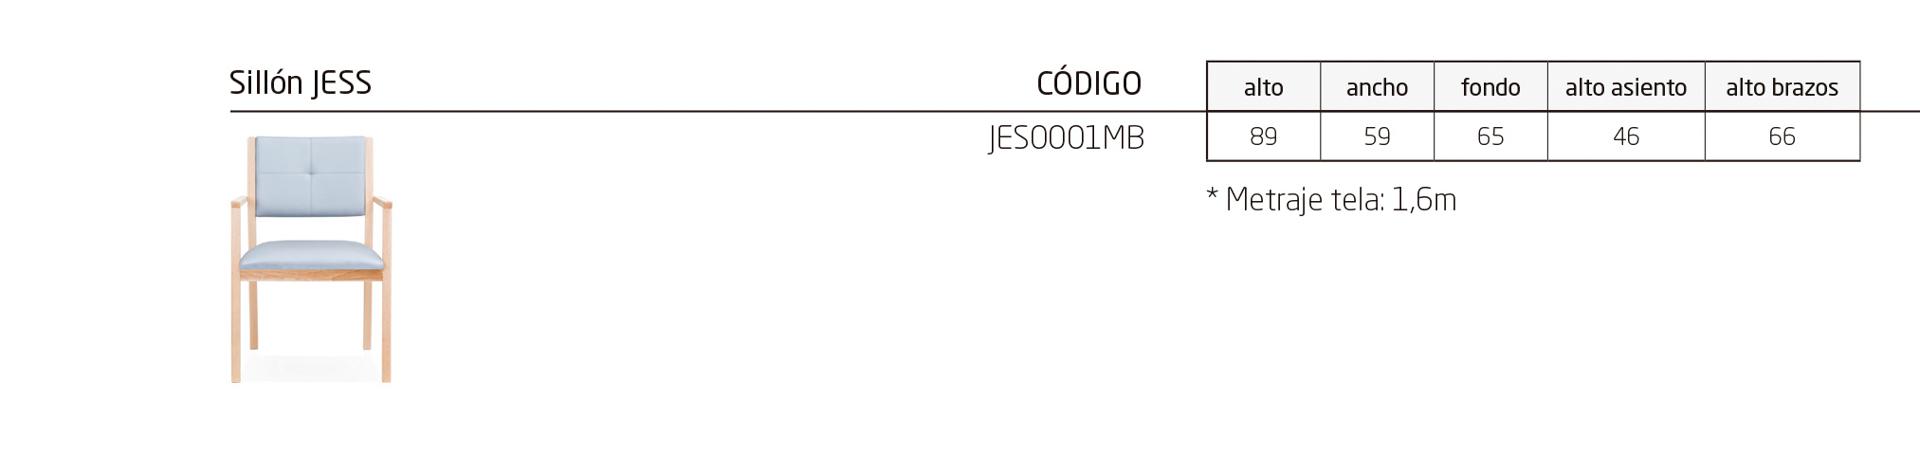 Modelos de la colección JESS, equipamiento de zonas comunes y comedores